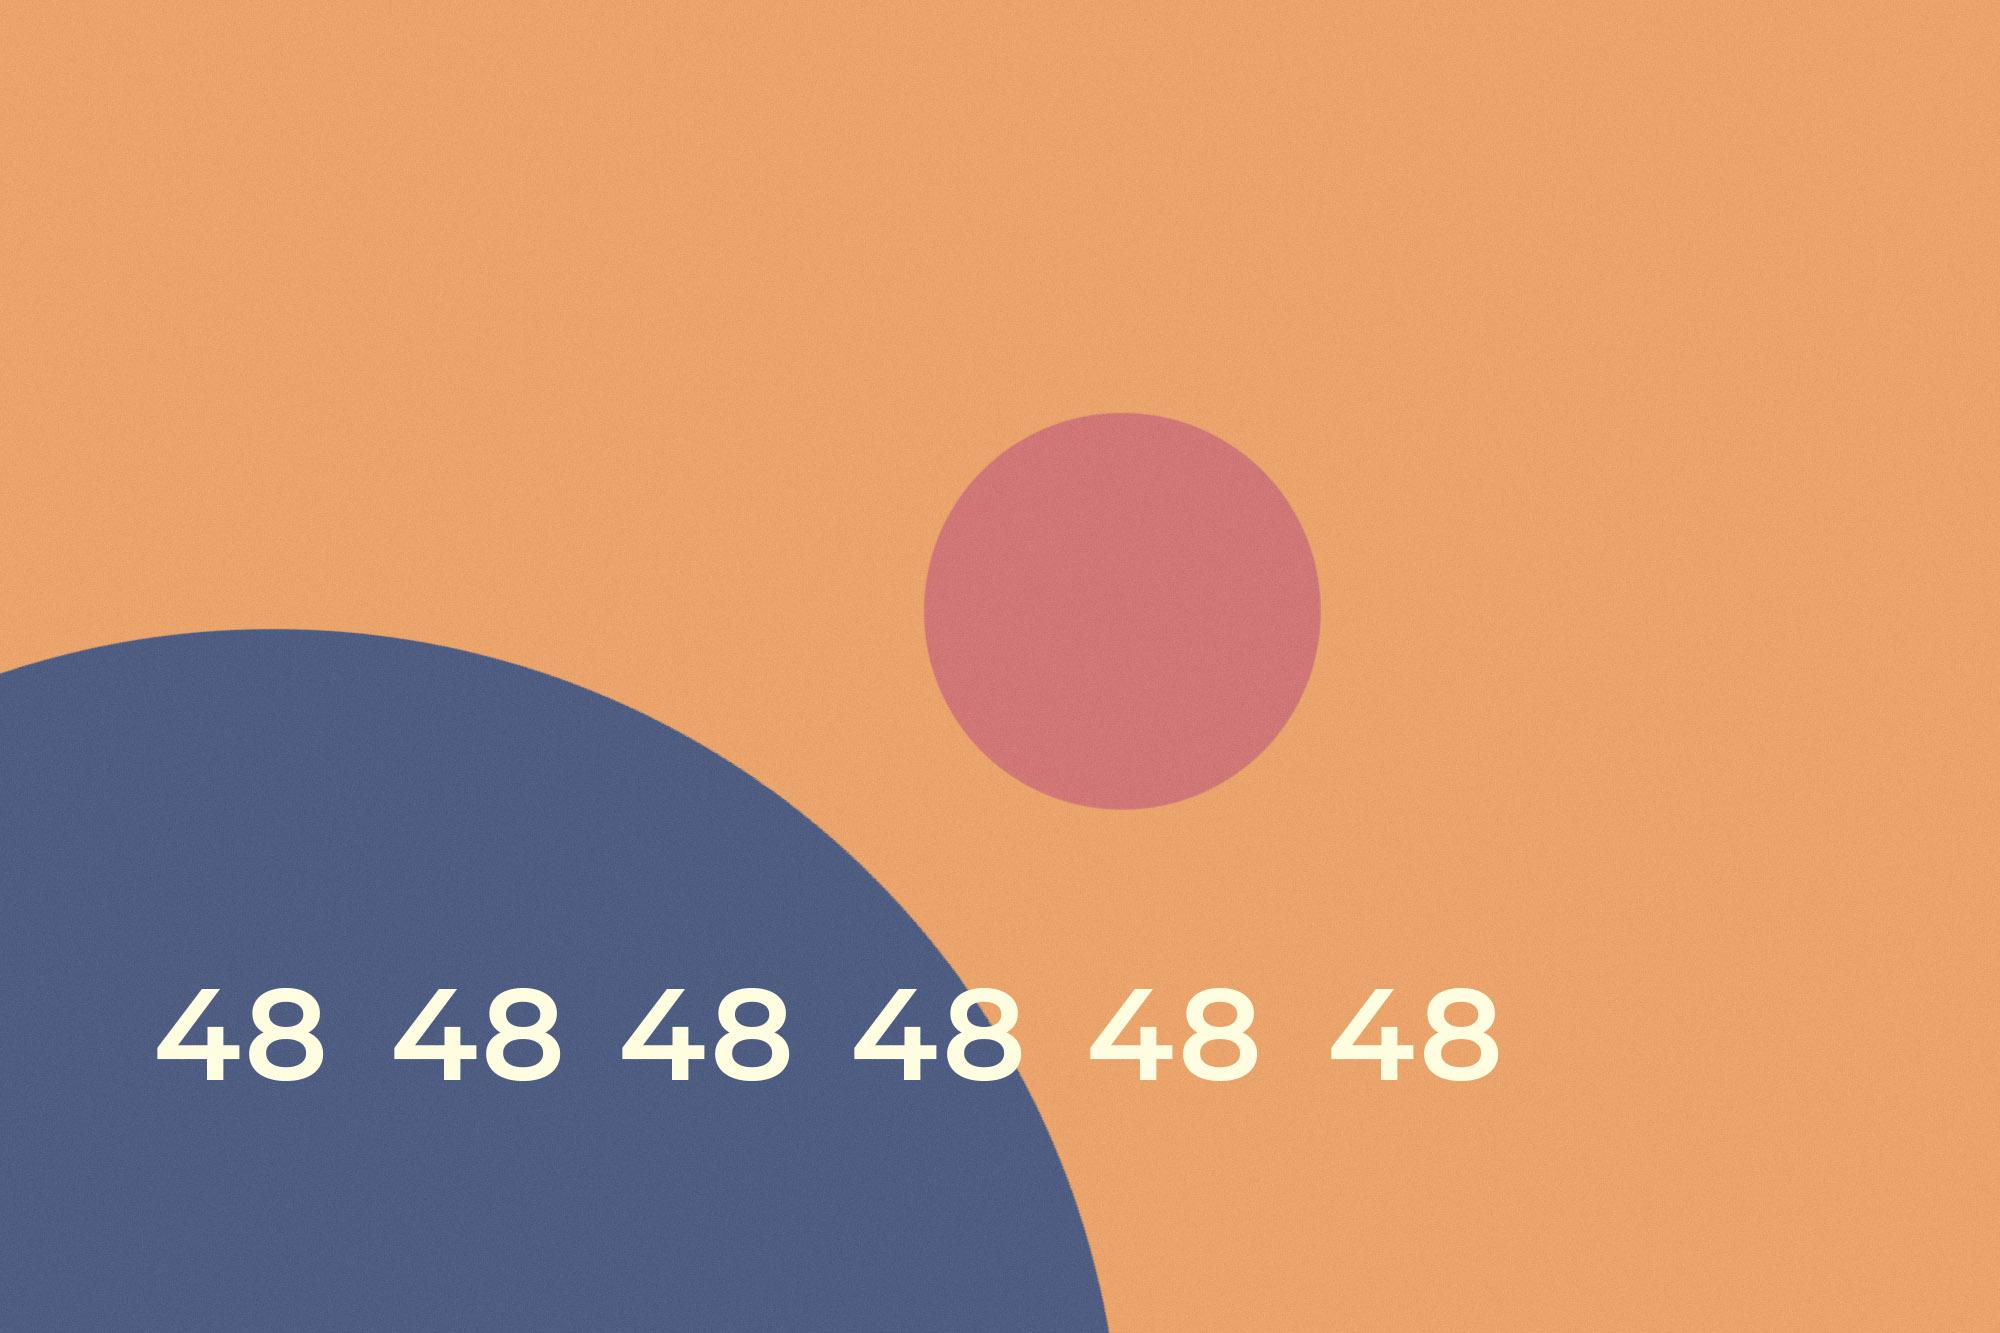 Искусство здесь. В Ташкенте пройдет фестиваль «48 часов»